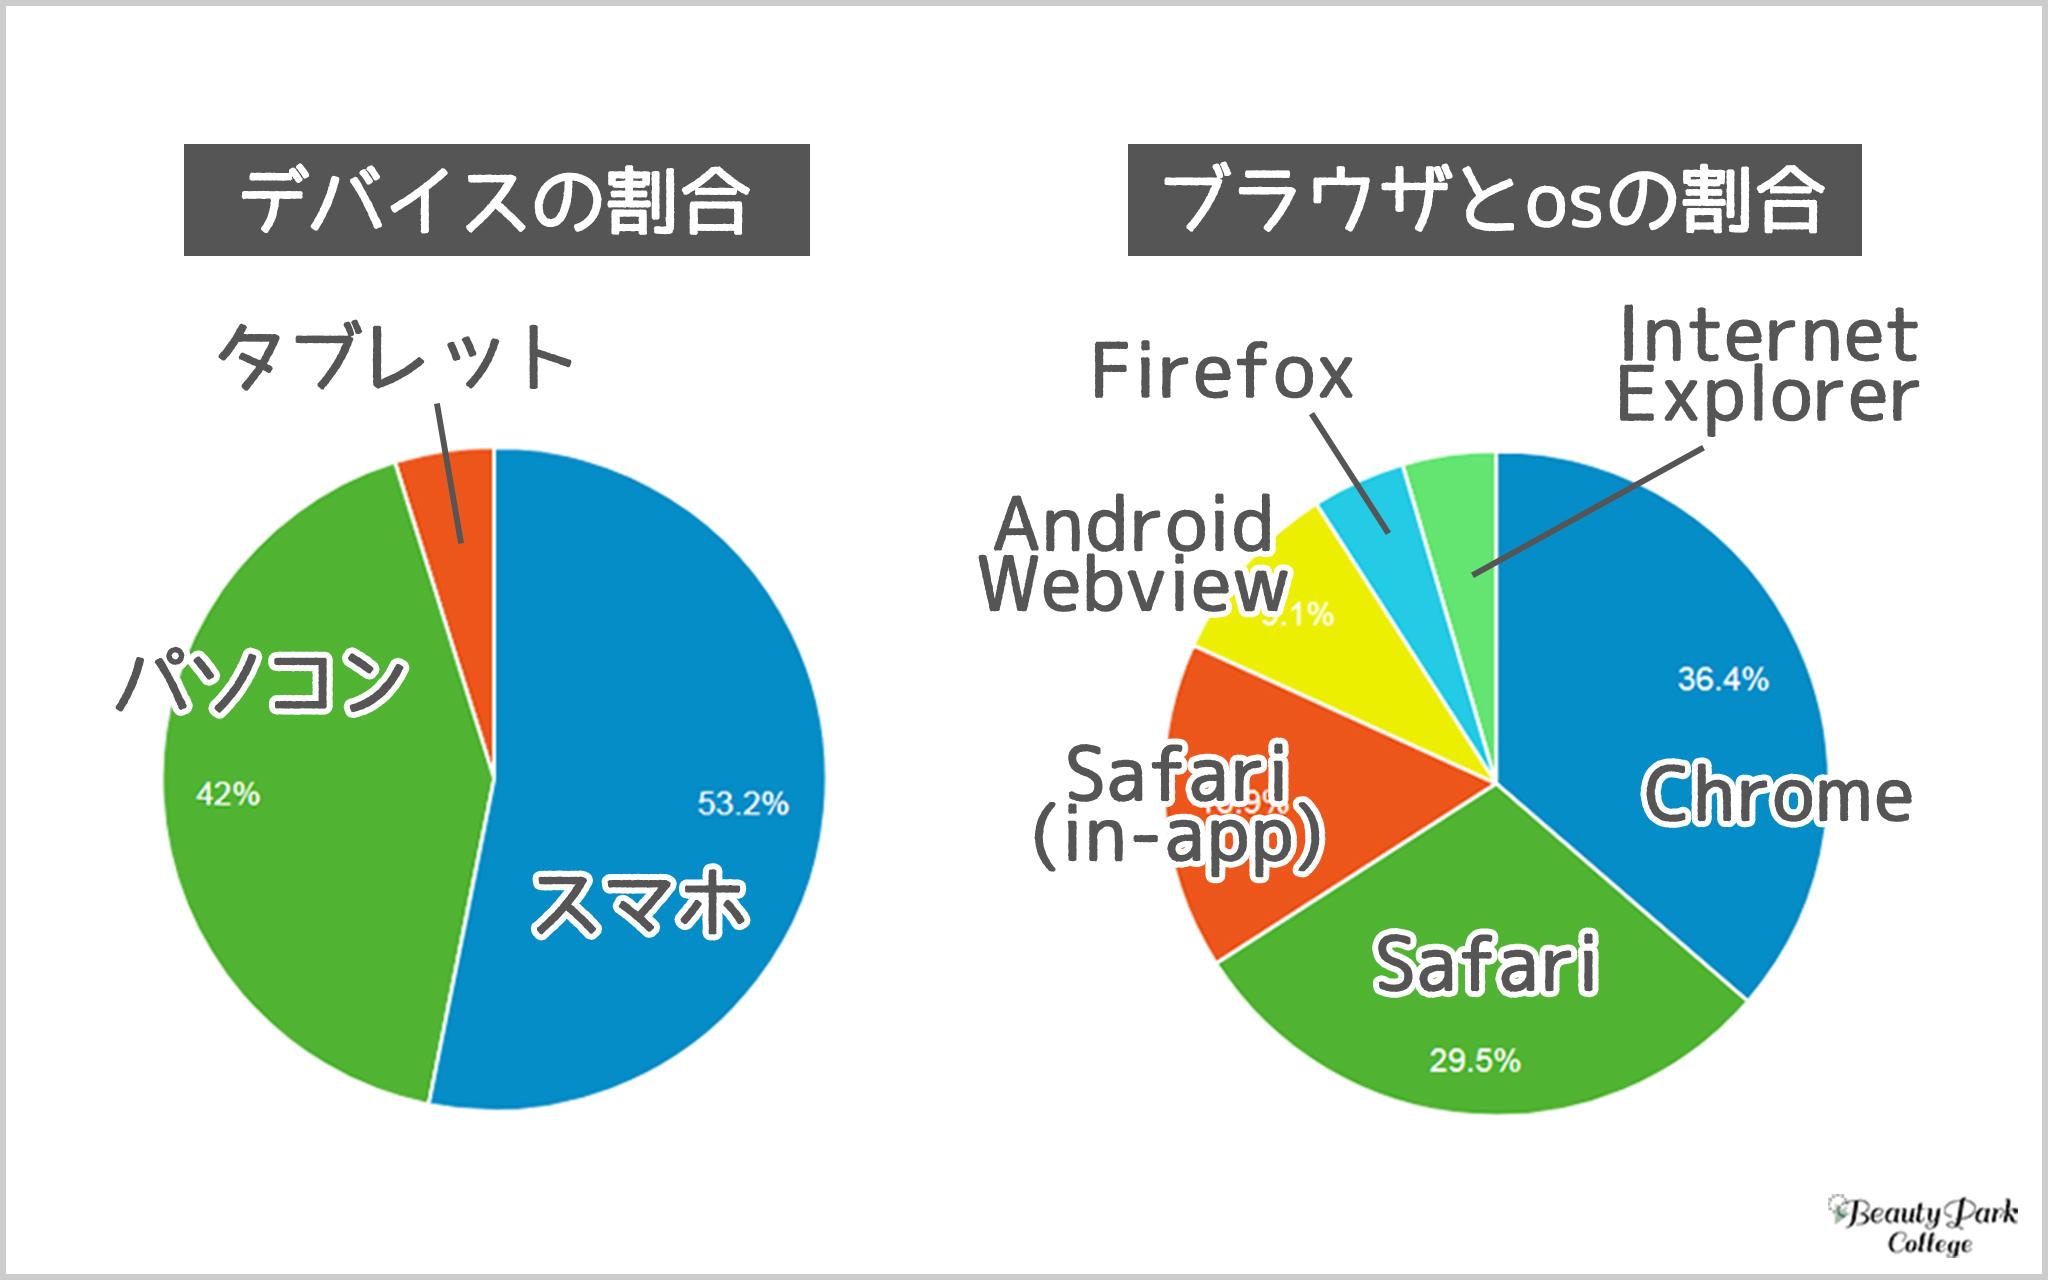 デバイスの割合は半分以上がスマホユーザー、ブラウザとOSの割合の殆どがchromeとsafari